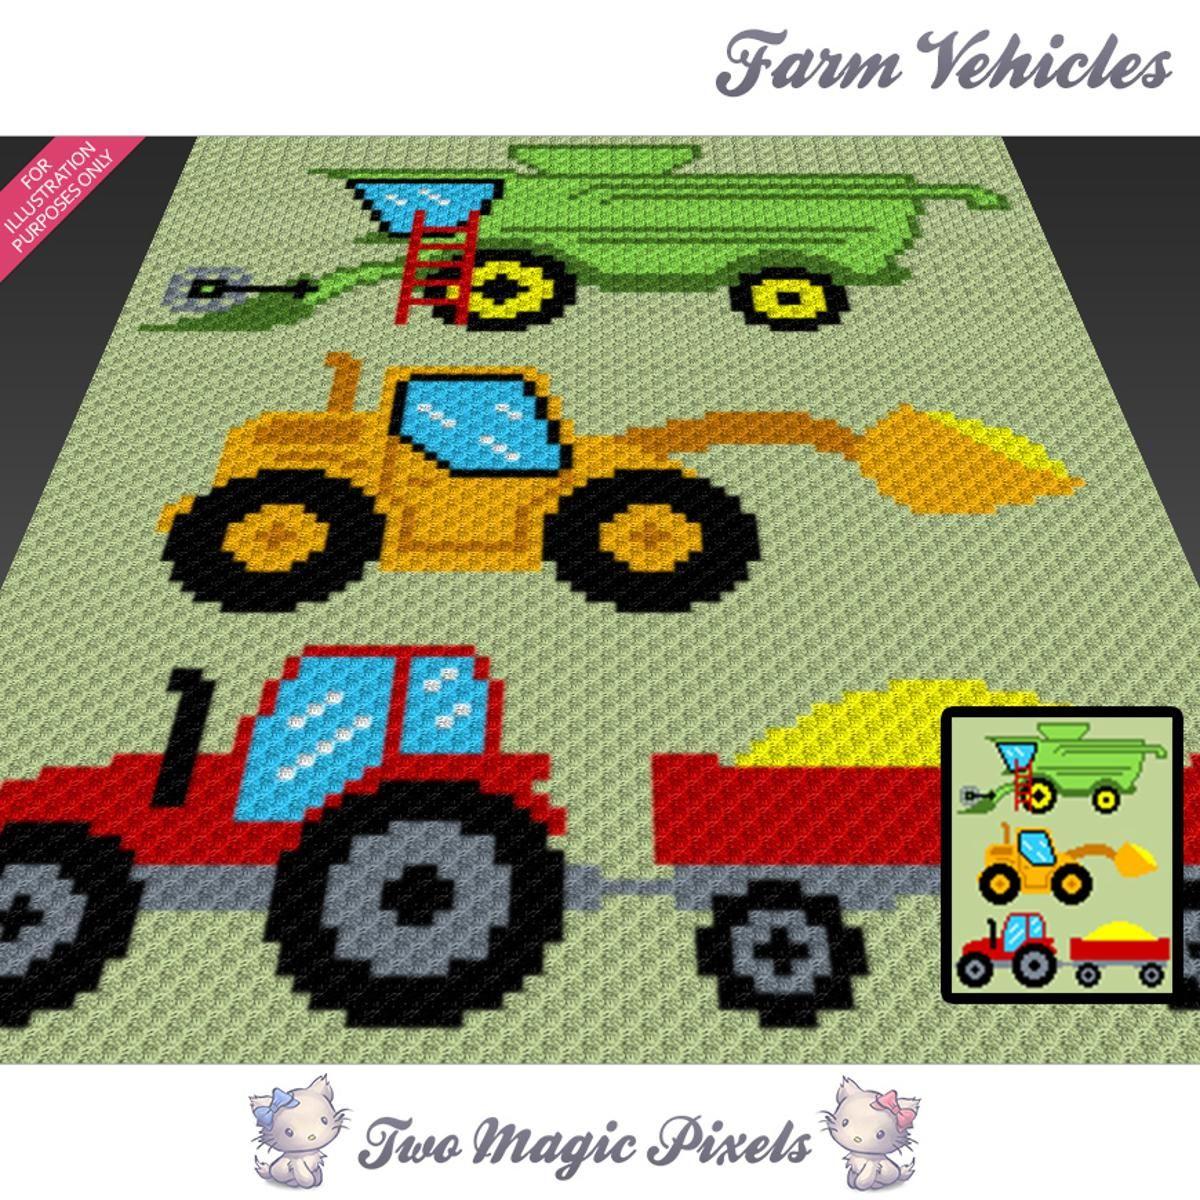 Farm Vehicles C2C Crochet Graph